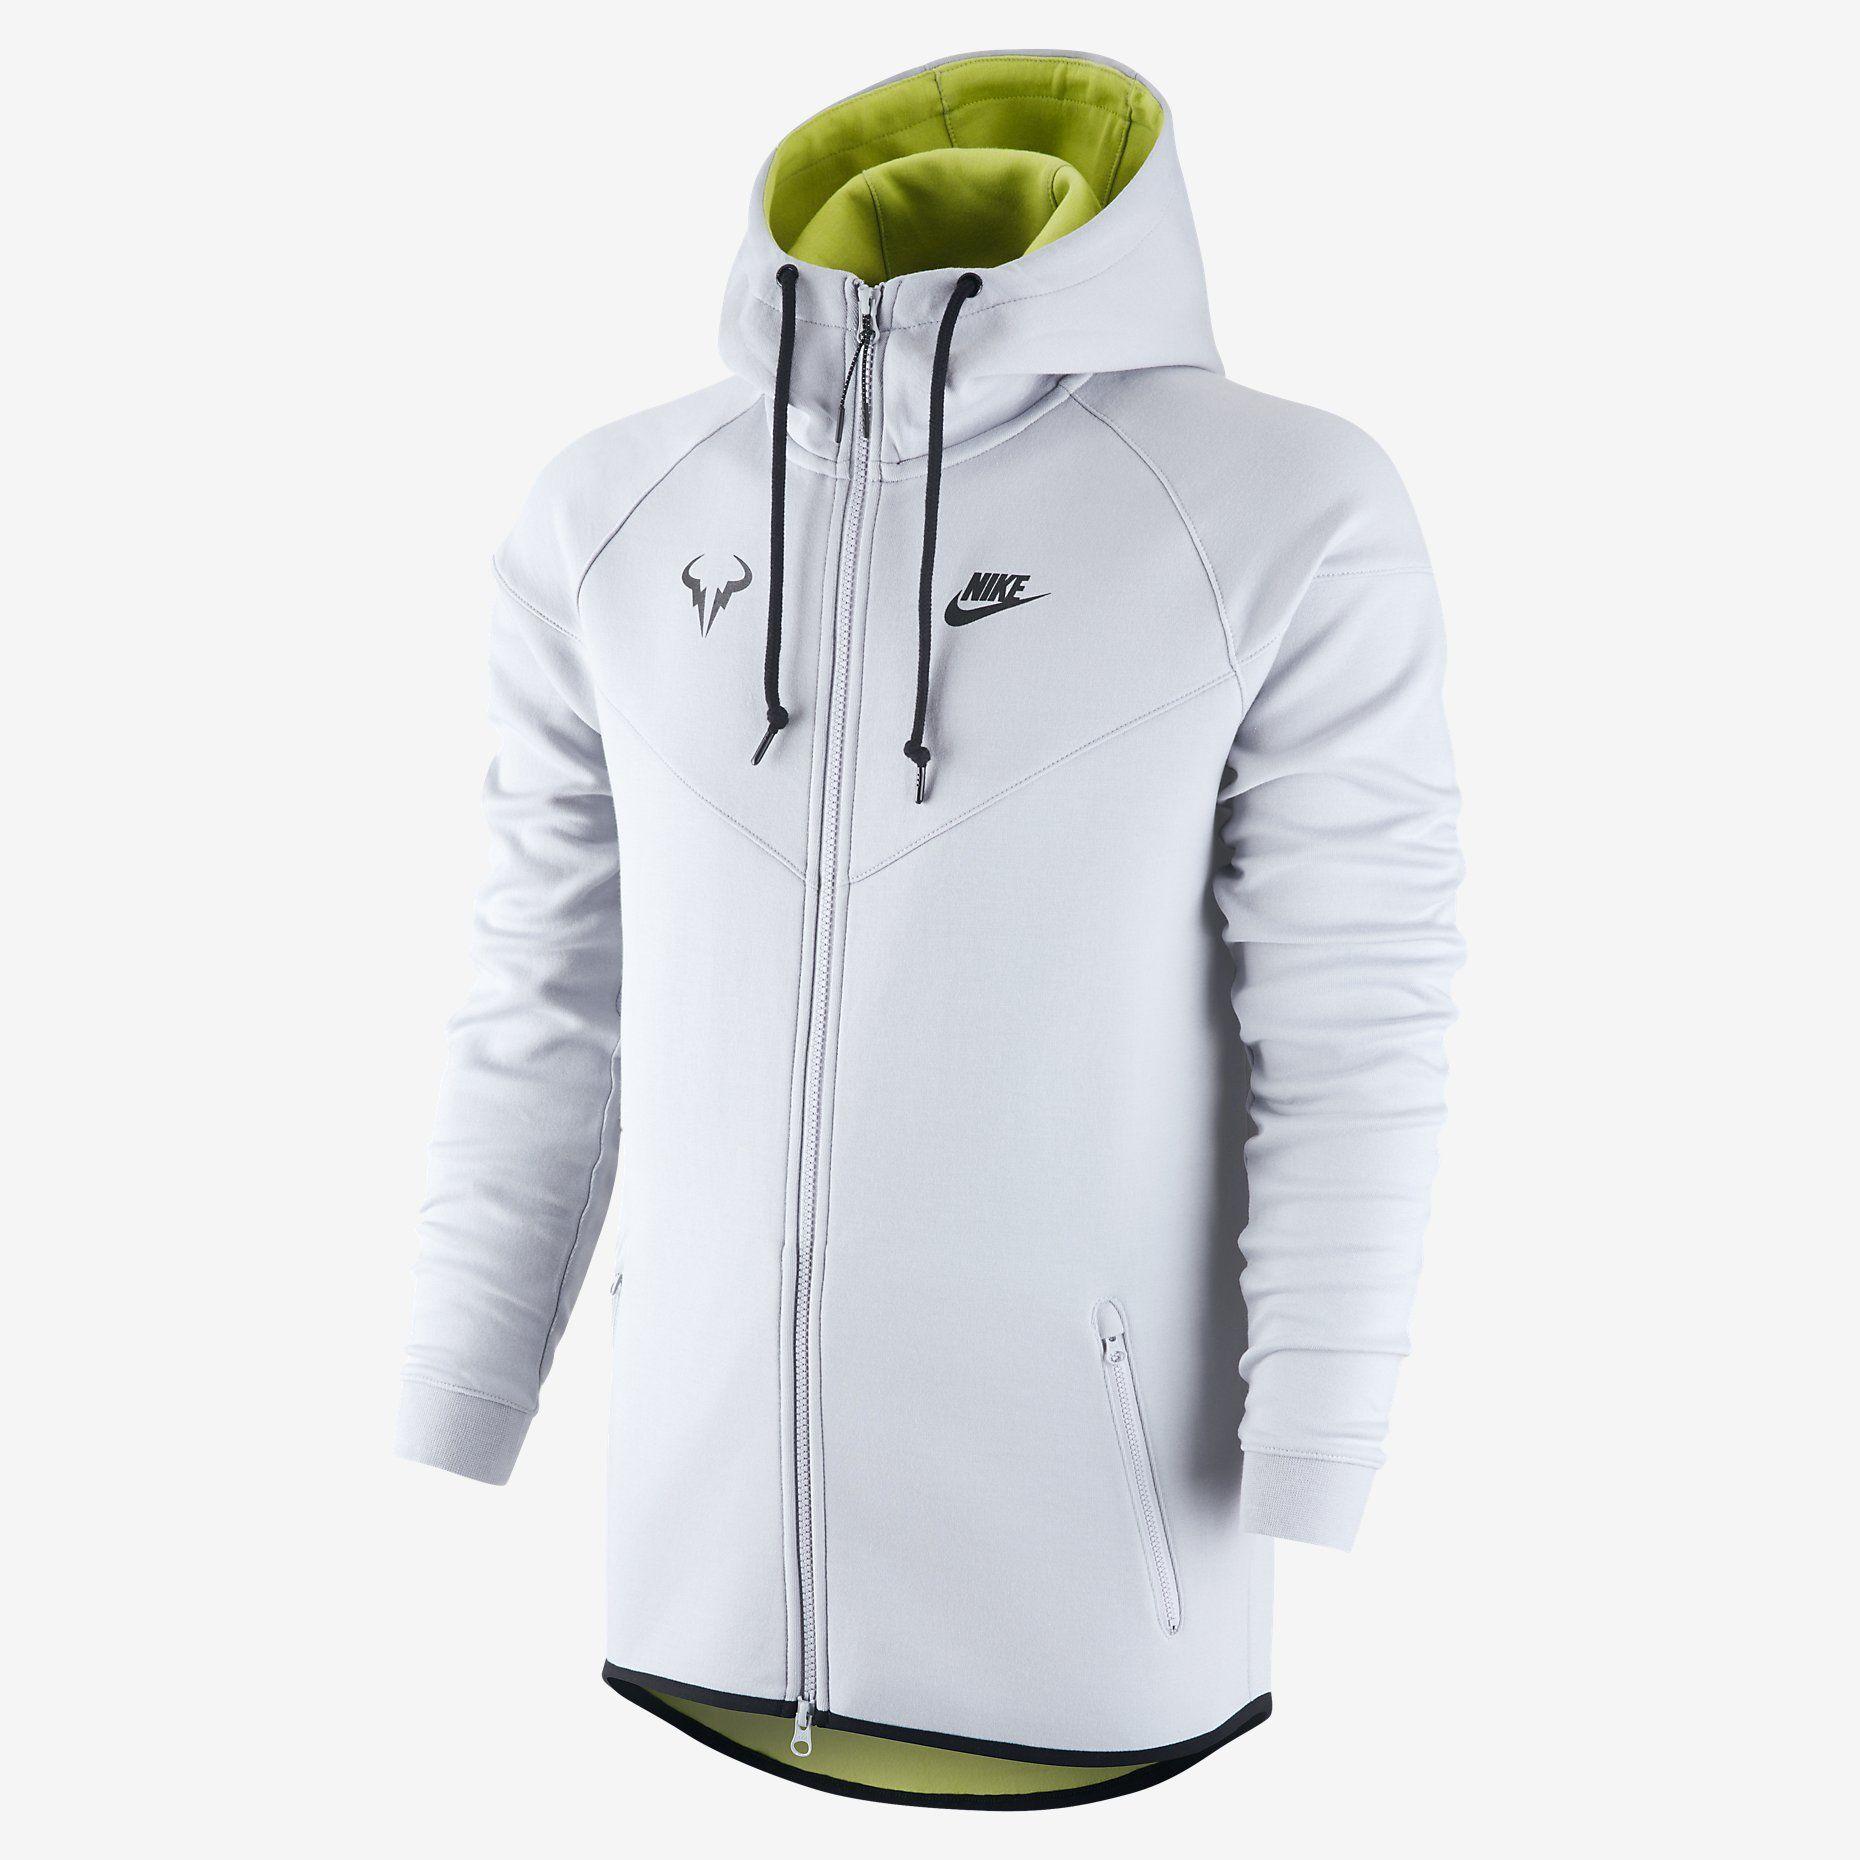 Nike Premier Nike Rafa Nike Premier Rafa z7a8R